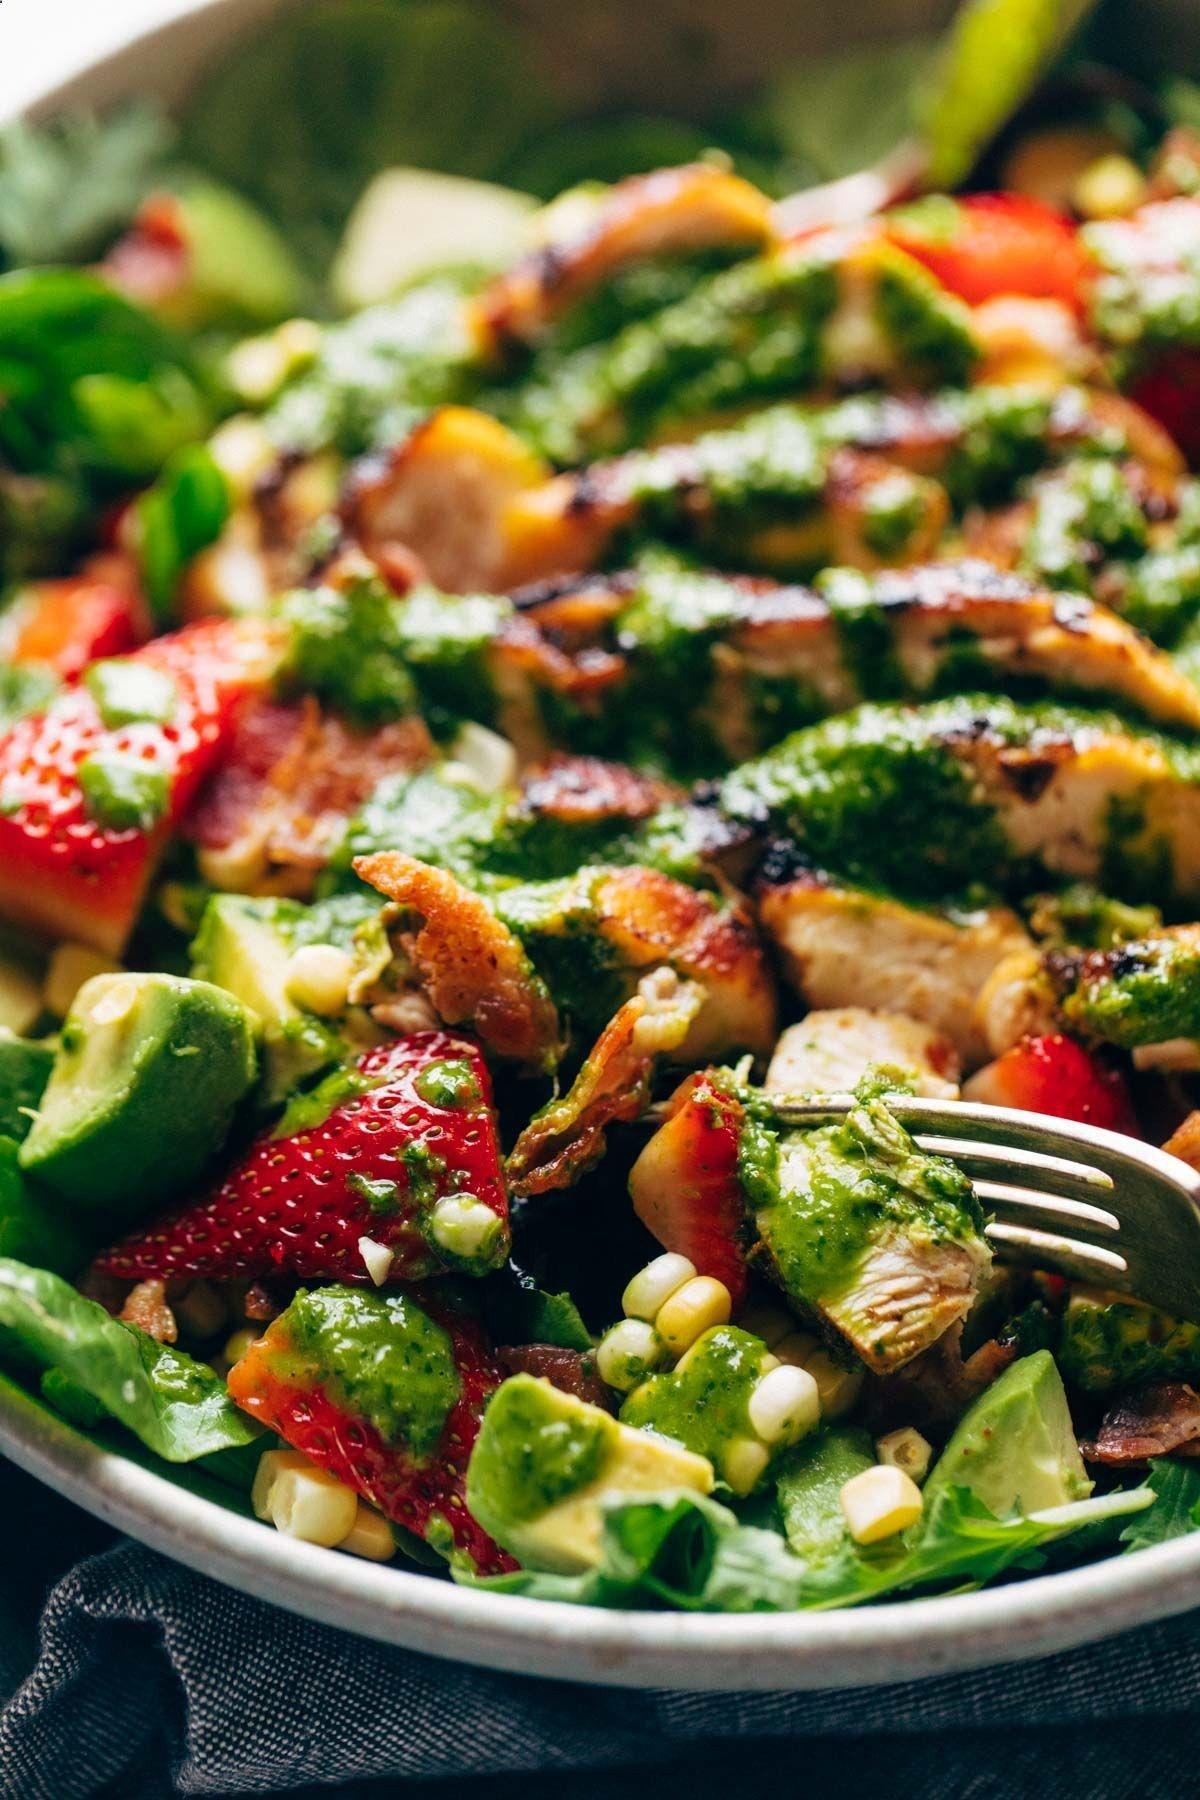 Summer Chipotle Chicken Cobb Salad With Cilantro Vinaigrette Recipe